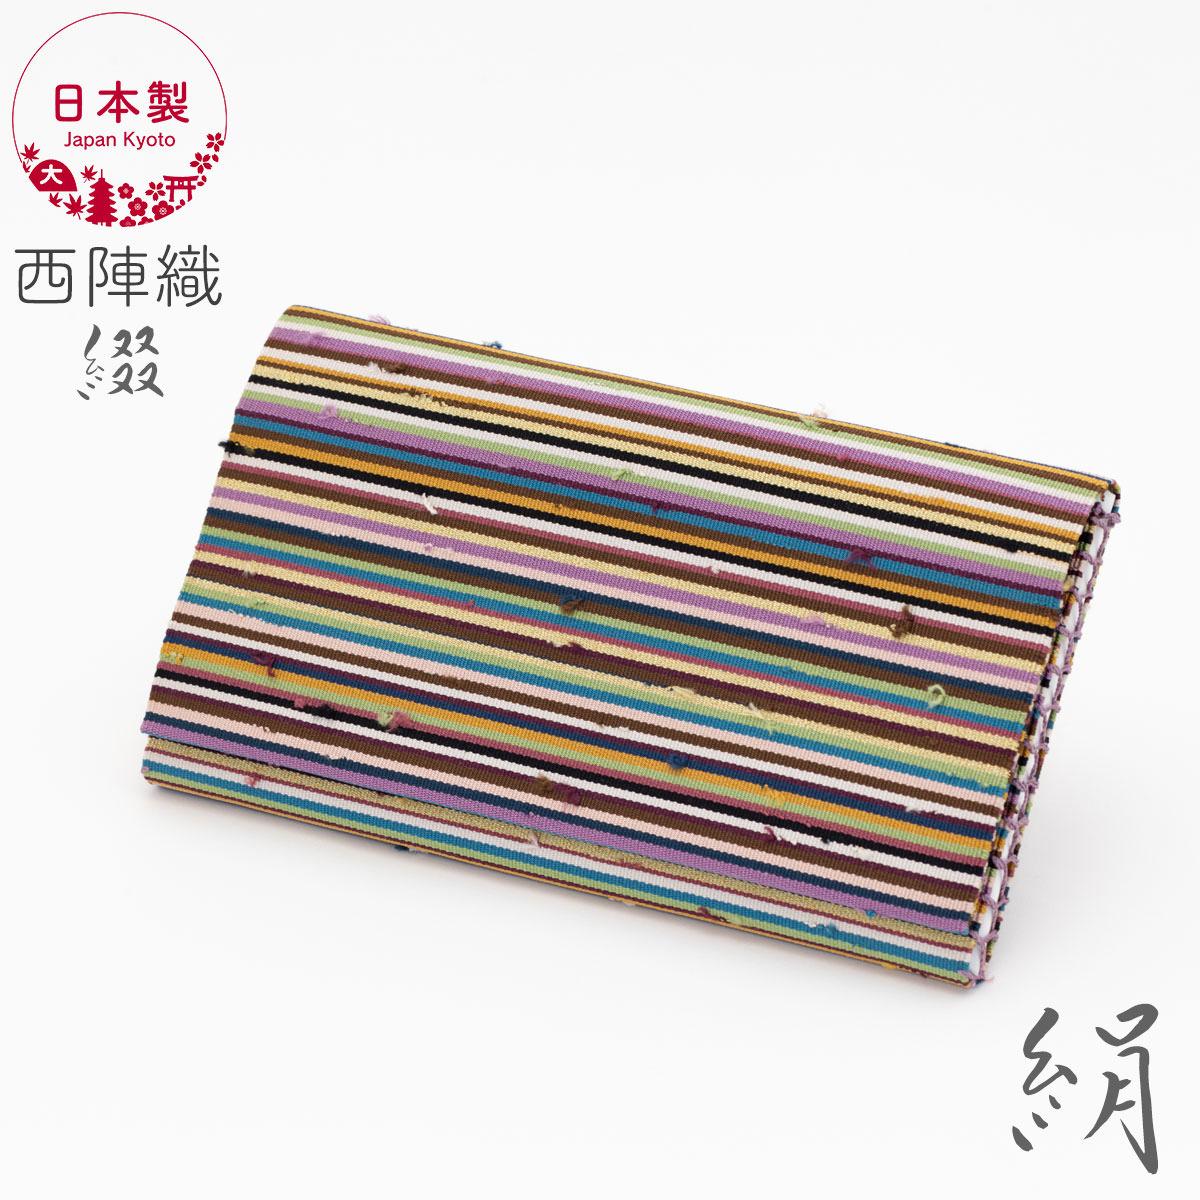 懐紙入れ 茶道具 日本製 西陣織 綴 絹100% 節織M